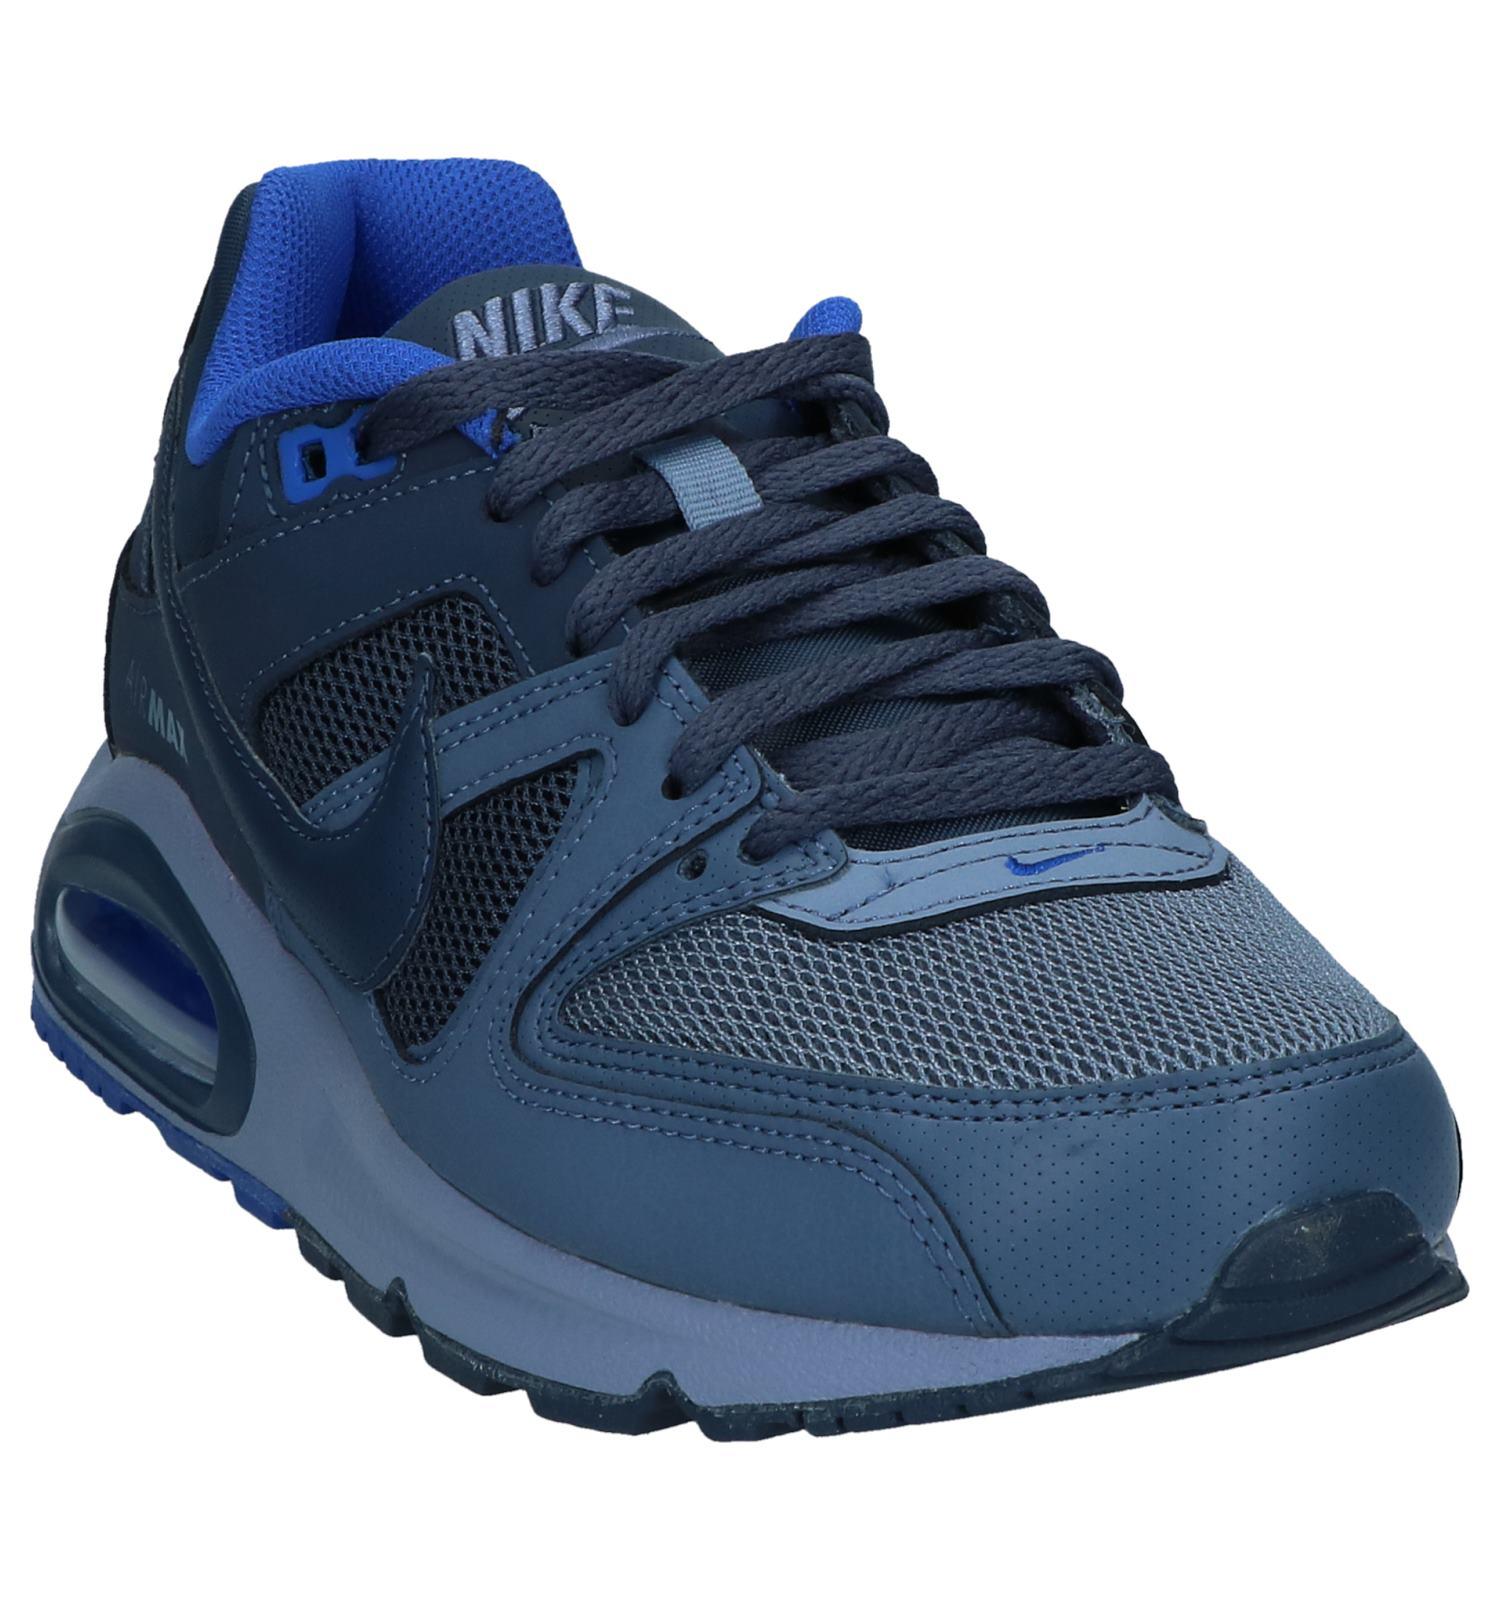 separation shoes a1ab4 61929 Blauwe Sneakers Nike Air Max Command  SCHOENENTORFS.NL  Gratis verzend en  retour